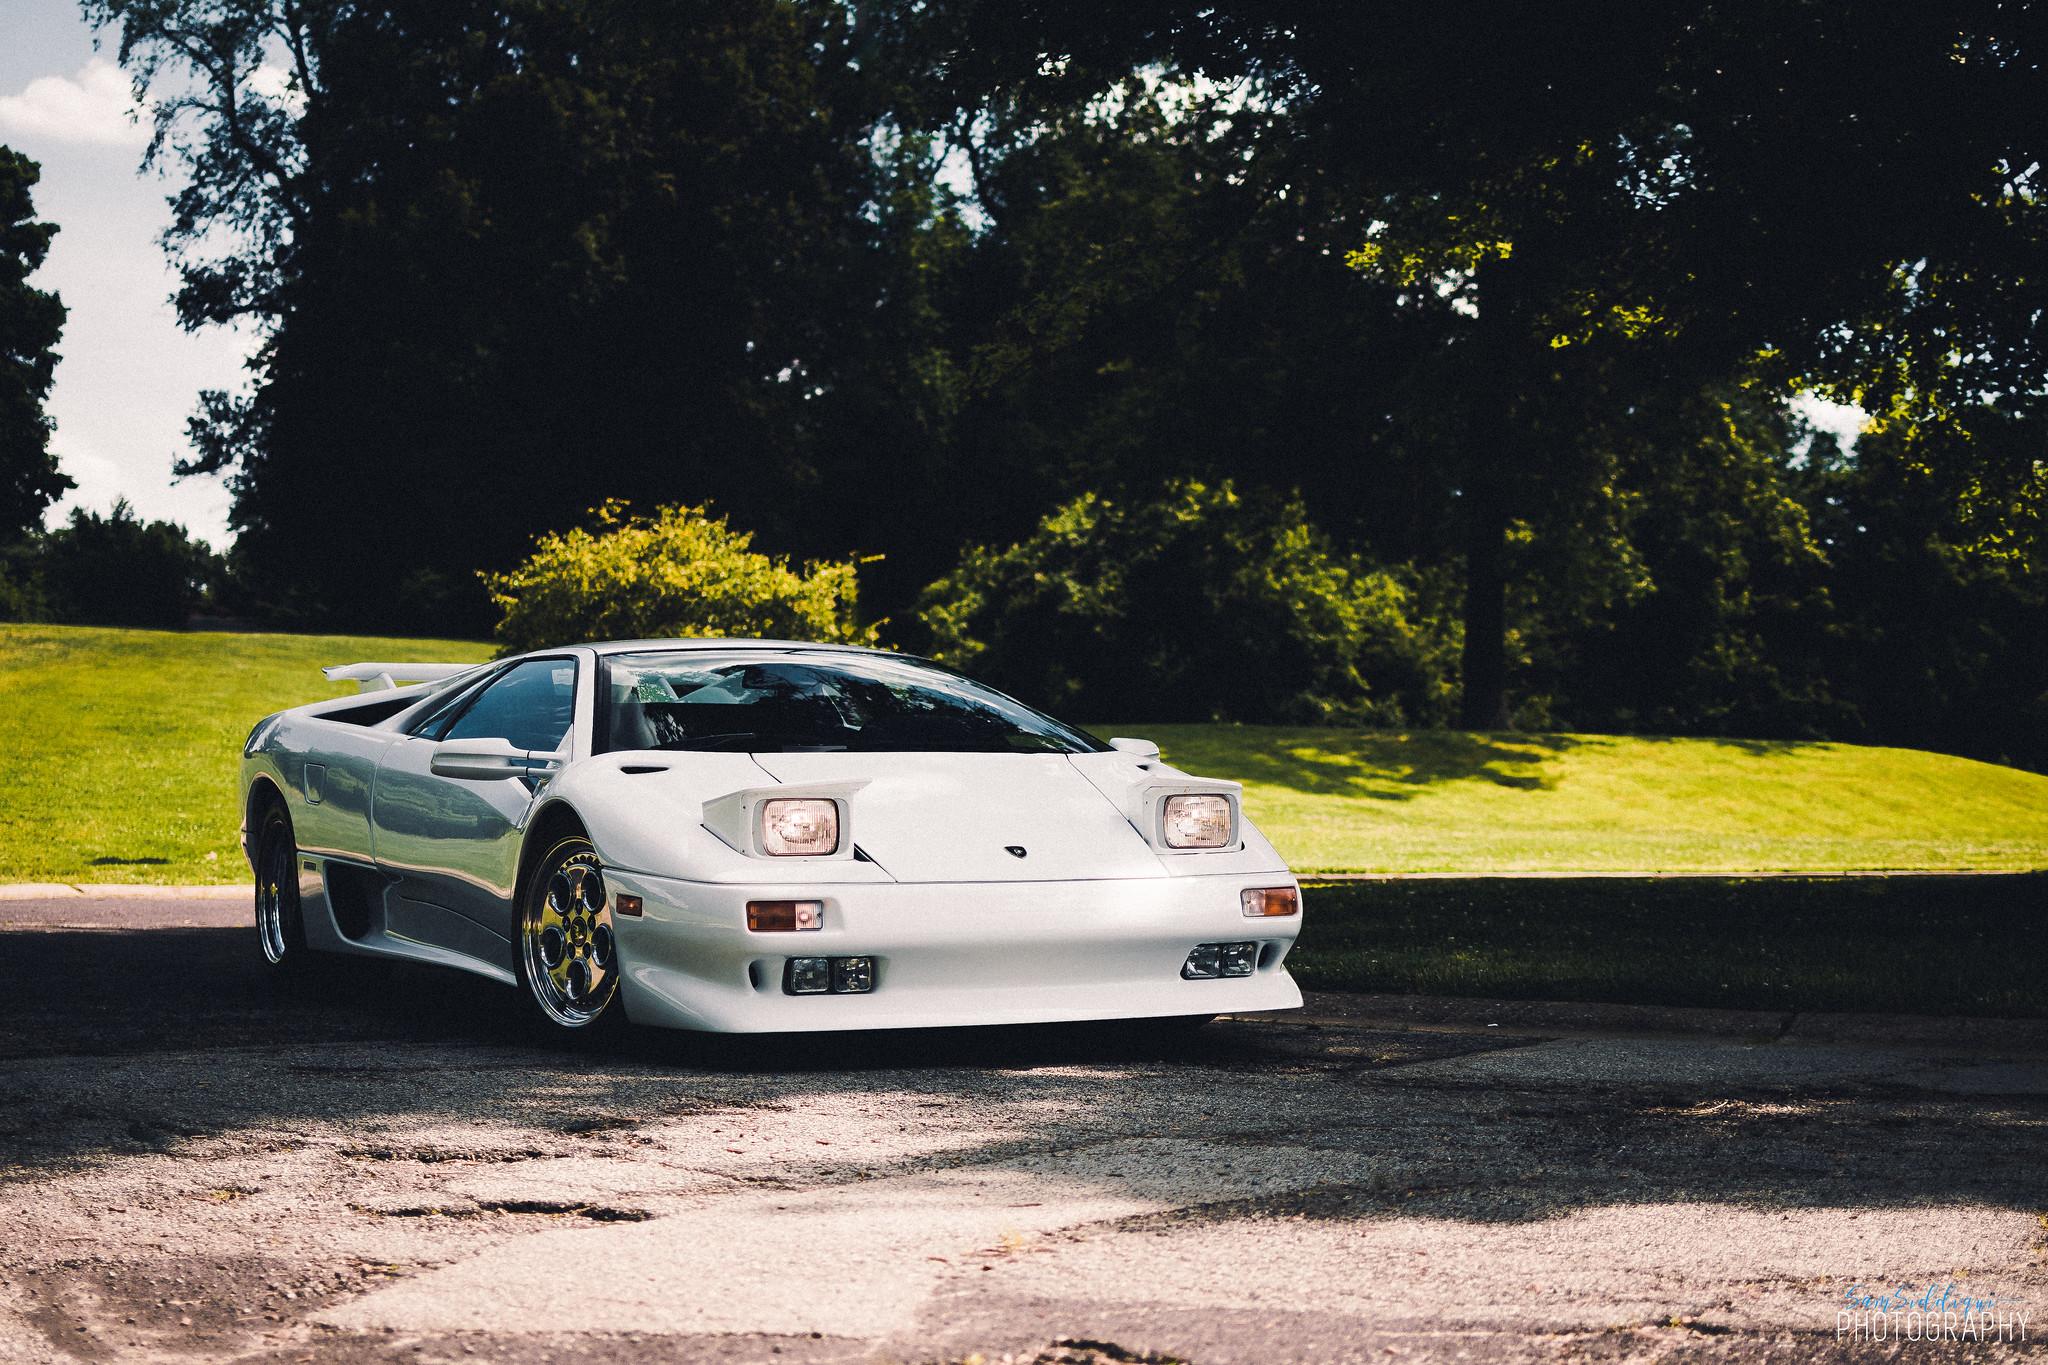 1991 White Lamborghini Diablo in Stl